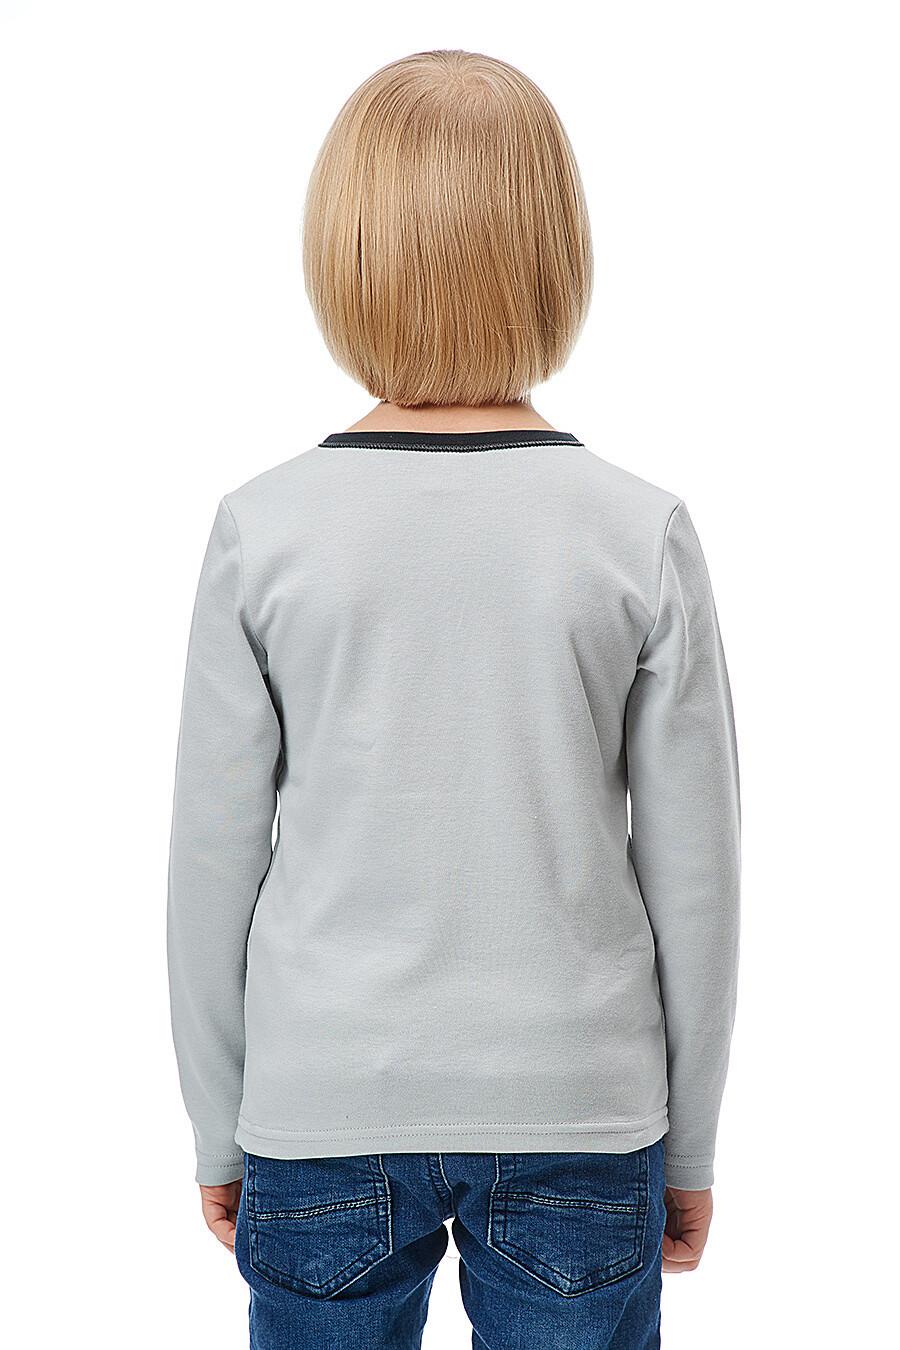 Джемпер для мальчиков LUCKY CHILD 184703 купить оптом от производителя. Совместная покупка детской одежды в OptMoyo